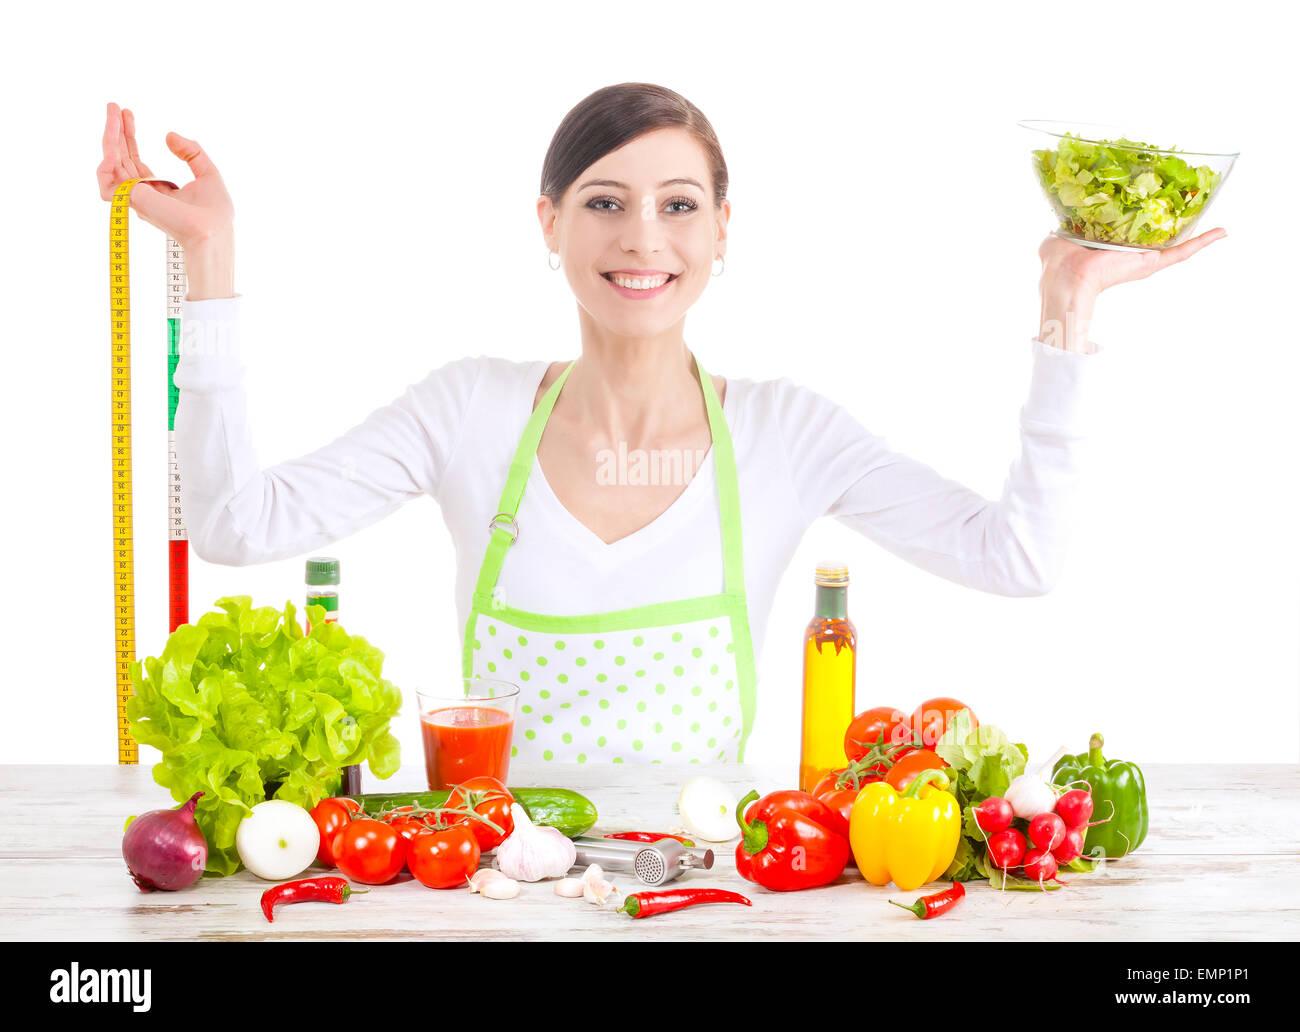 Glückliche junge Frau mit Salat und Messung der Band, gesunde Ernährung und Diät-Konzept. Stockbild